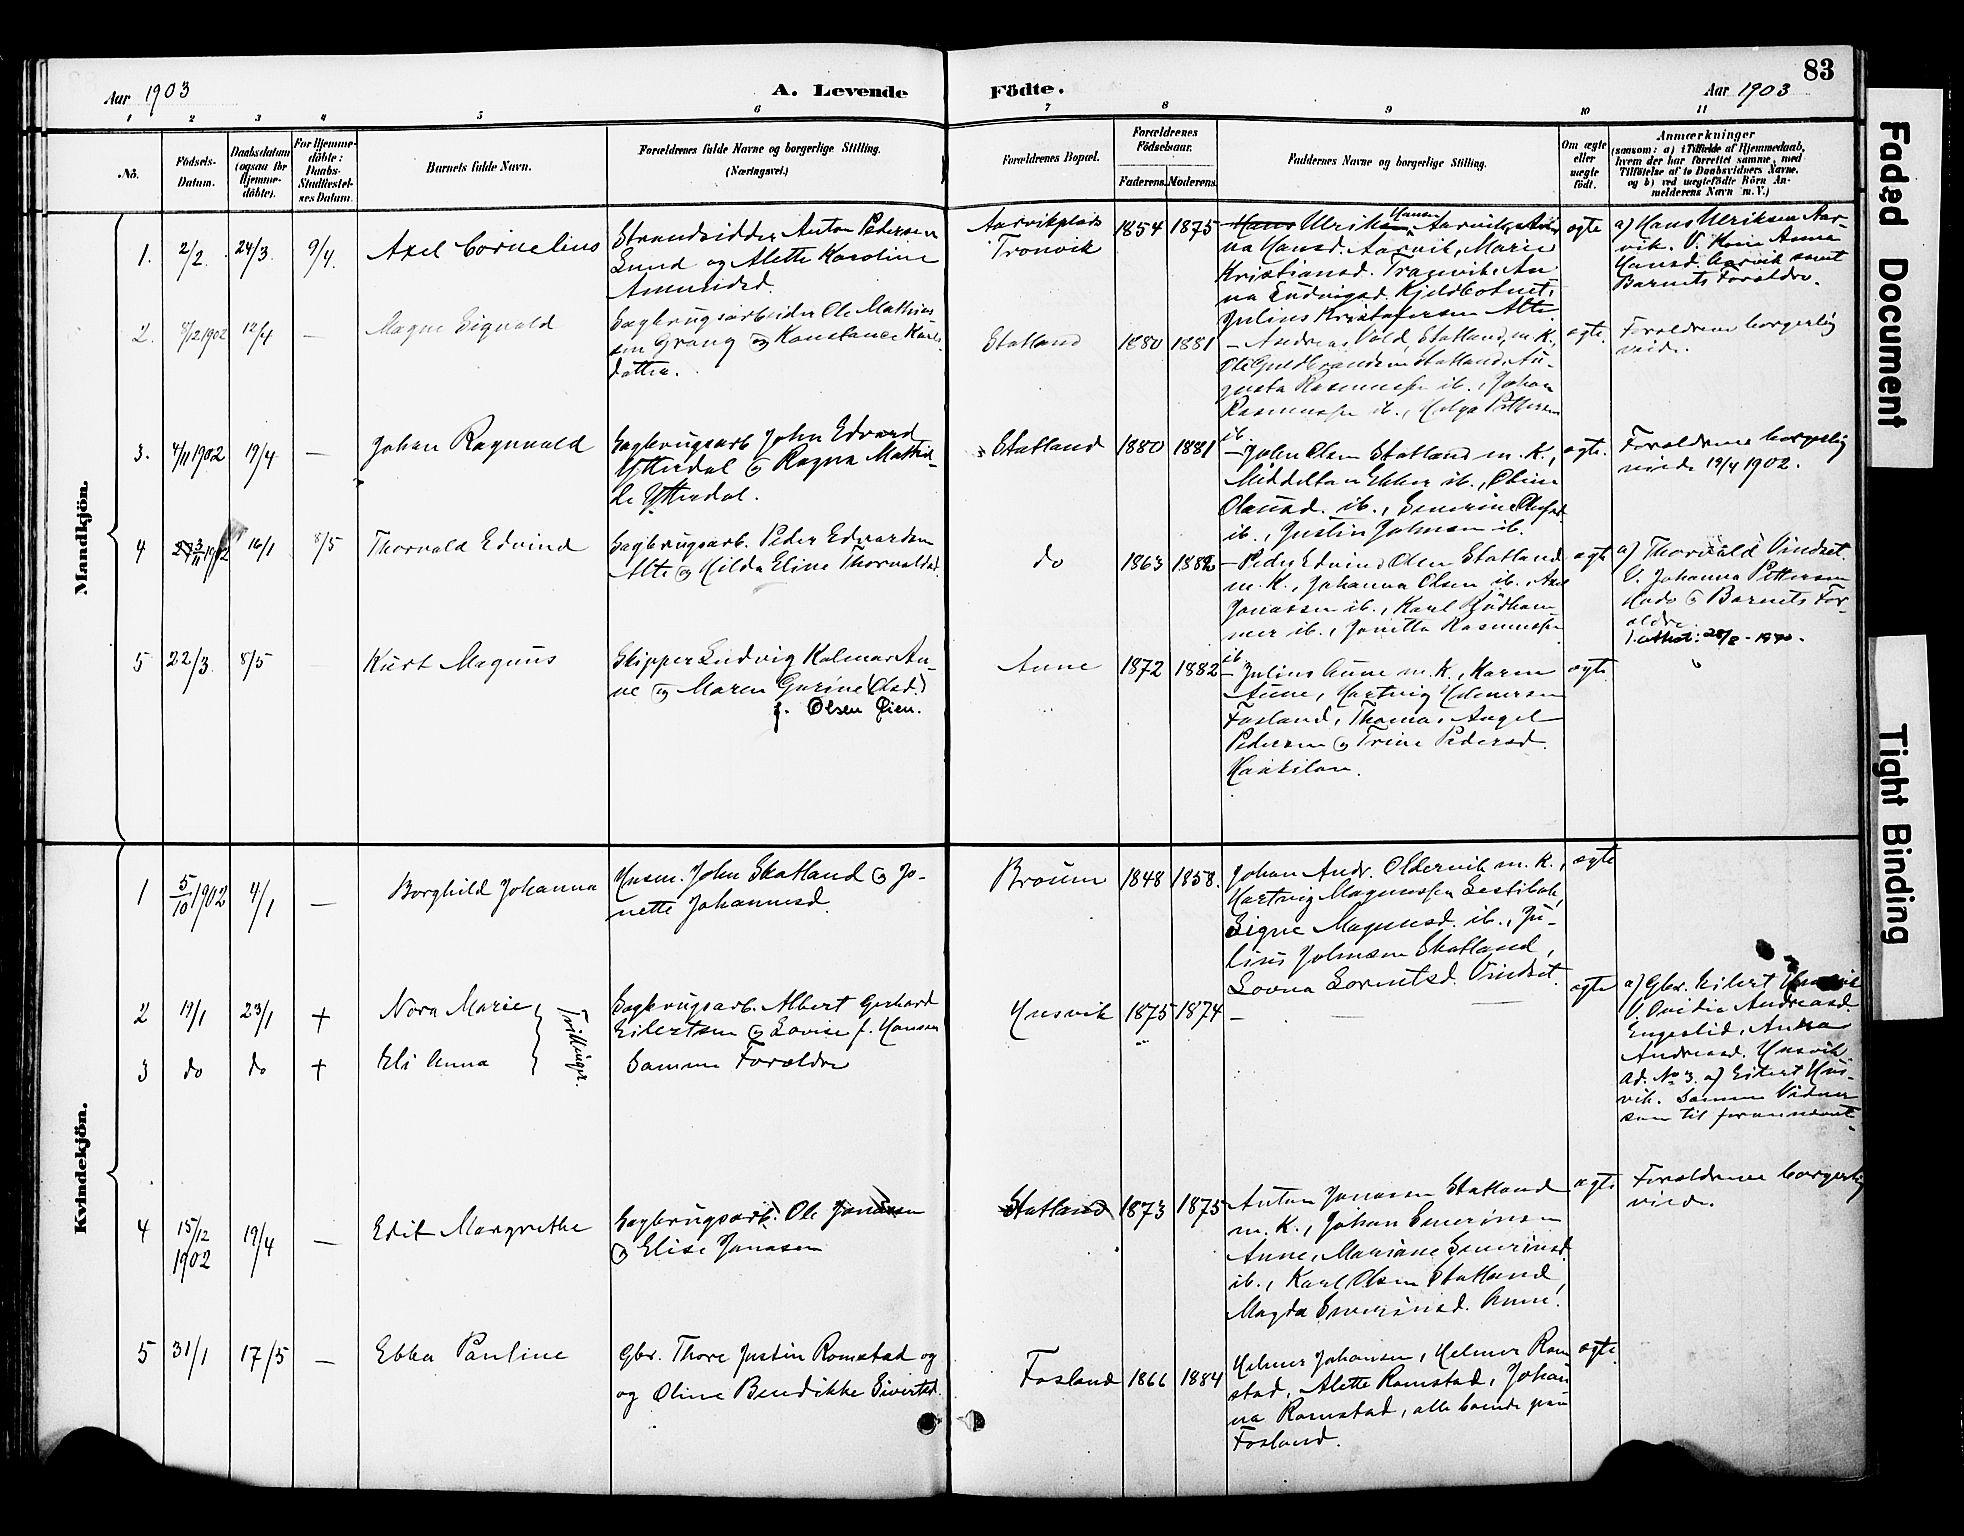 SAT, Ministerialprotokoller, klokkerbøker og fødselsregistre - Nord-Trøndelag, 774/L0628: Ministerialbok nr. 774A02, 1887-1903, s. 83